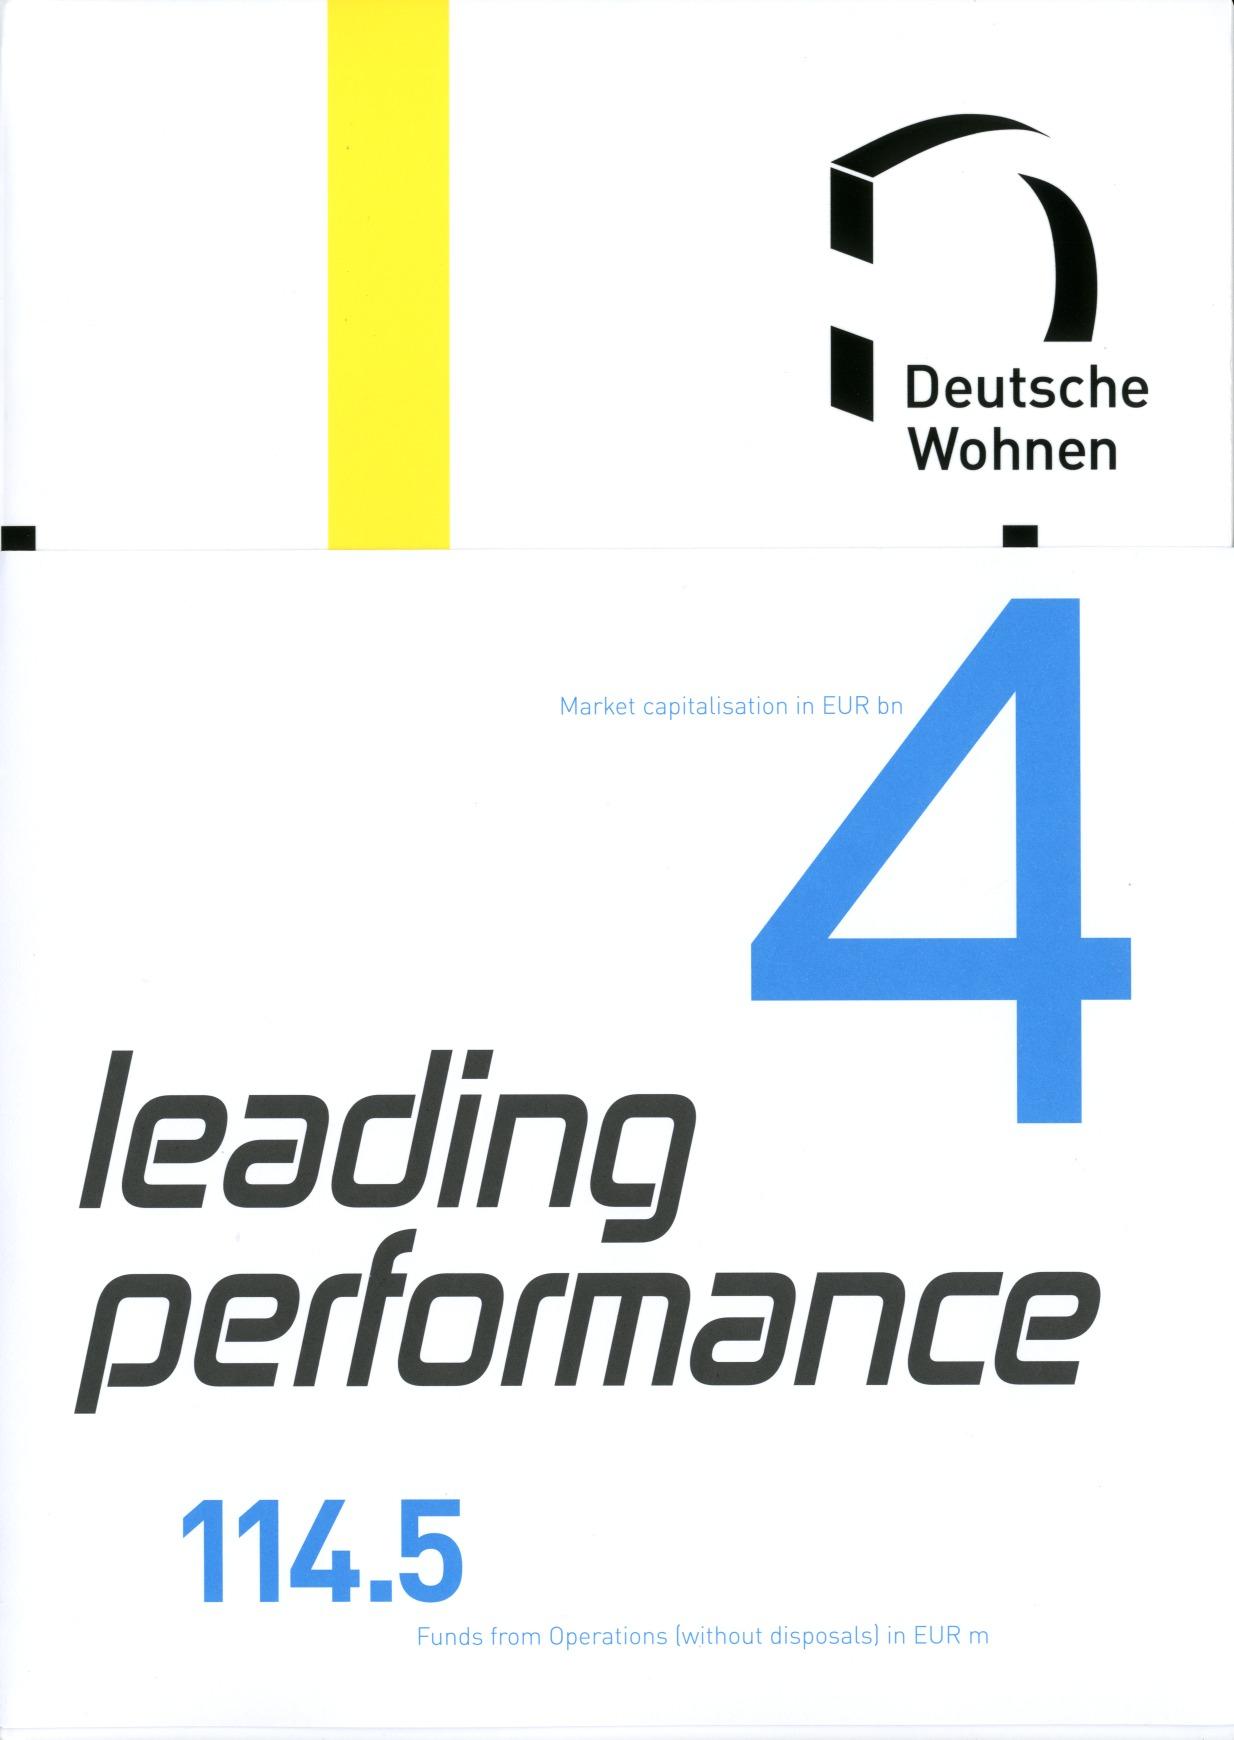 Deutsche Wohnen Com lacp 2013 vision awards annual report competition deutsche wohnen